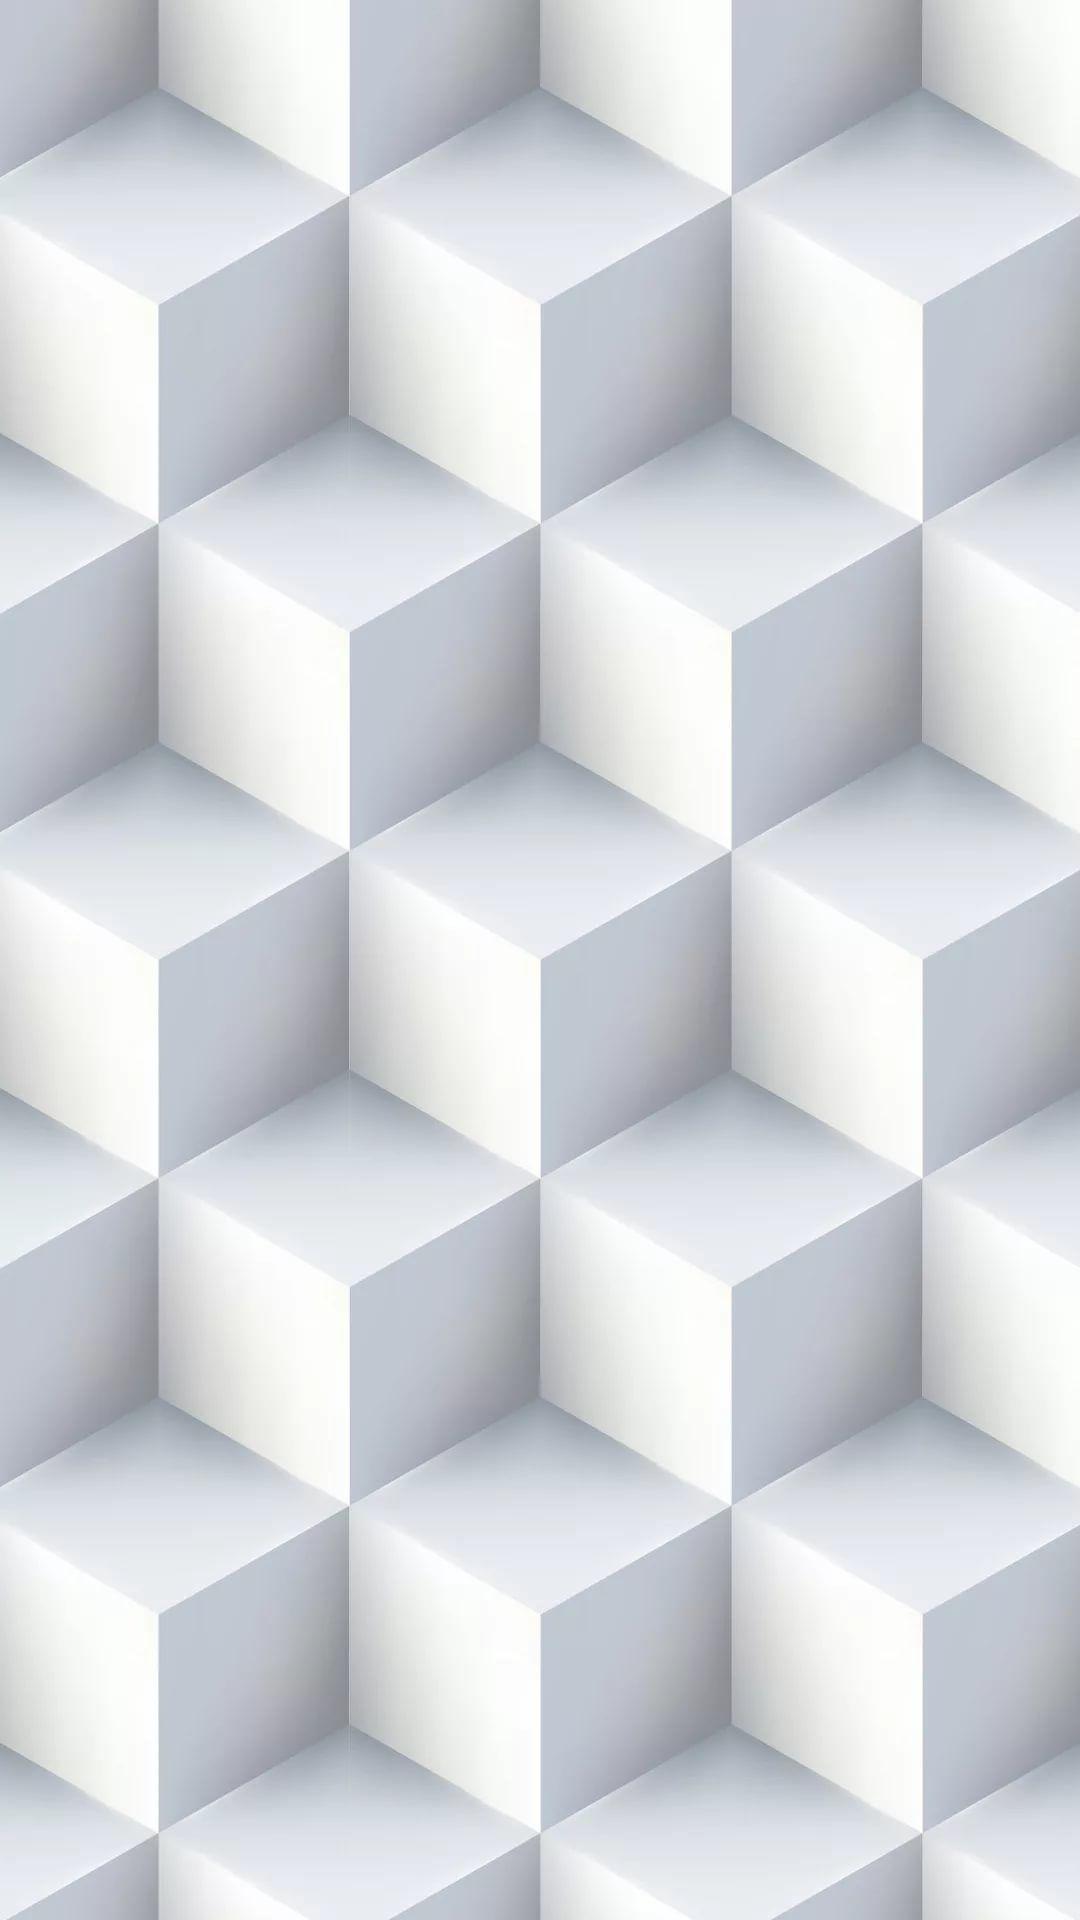 White Apple wallpaper HD